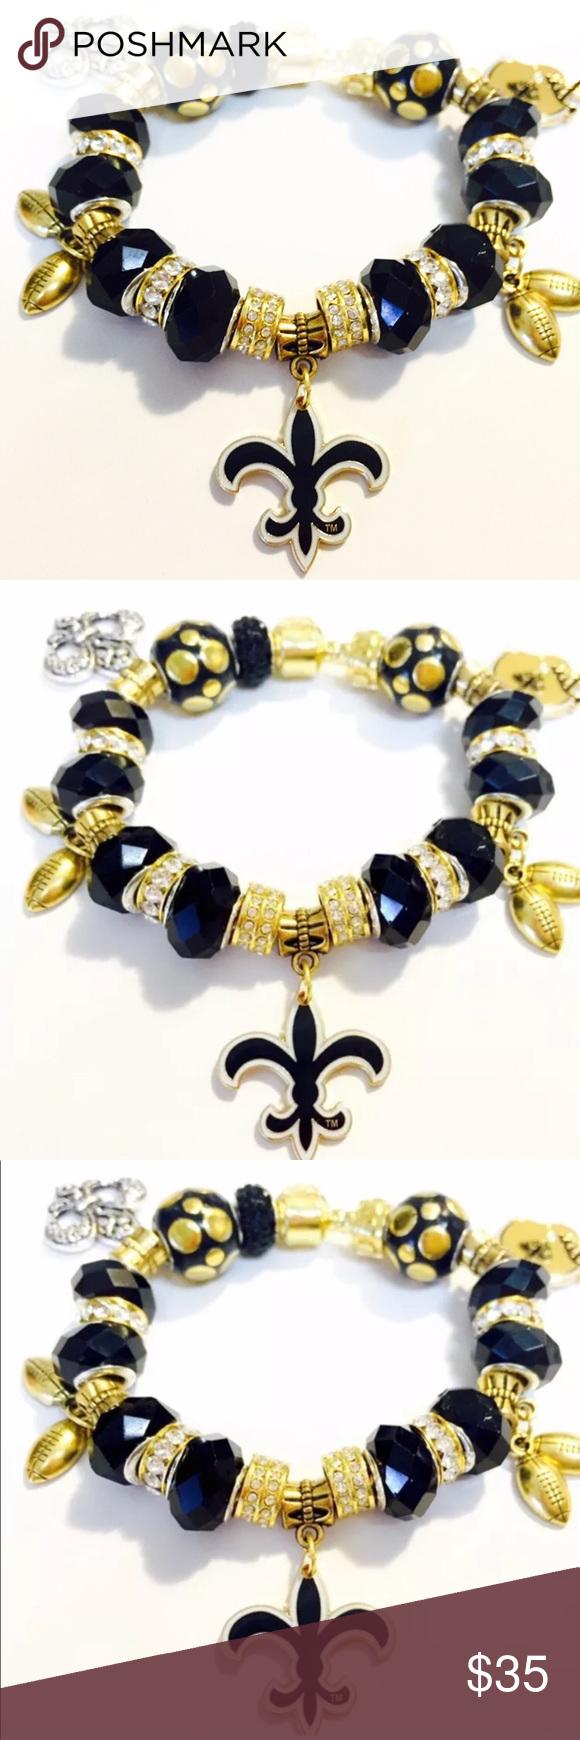 NFL New Orleans Saints Charm Chain Bracelets